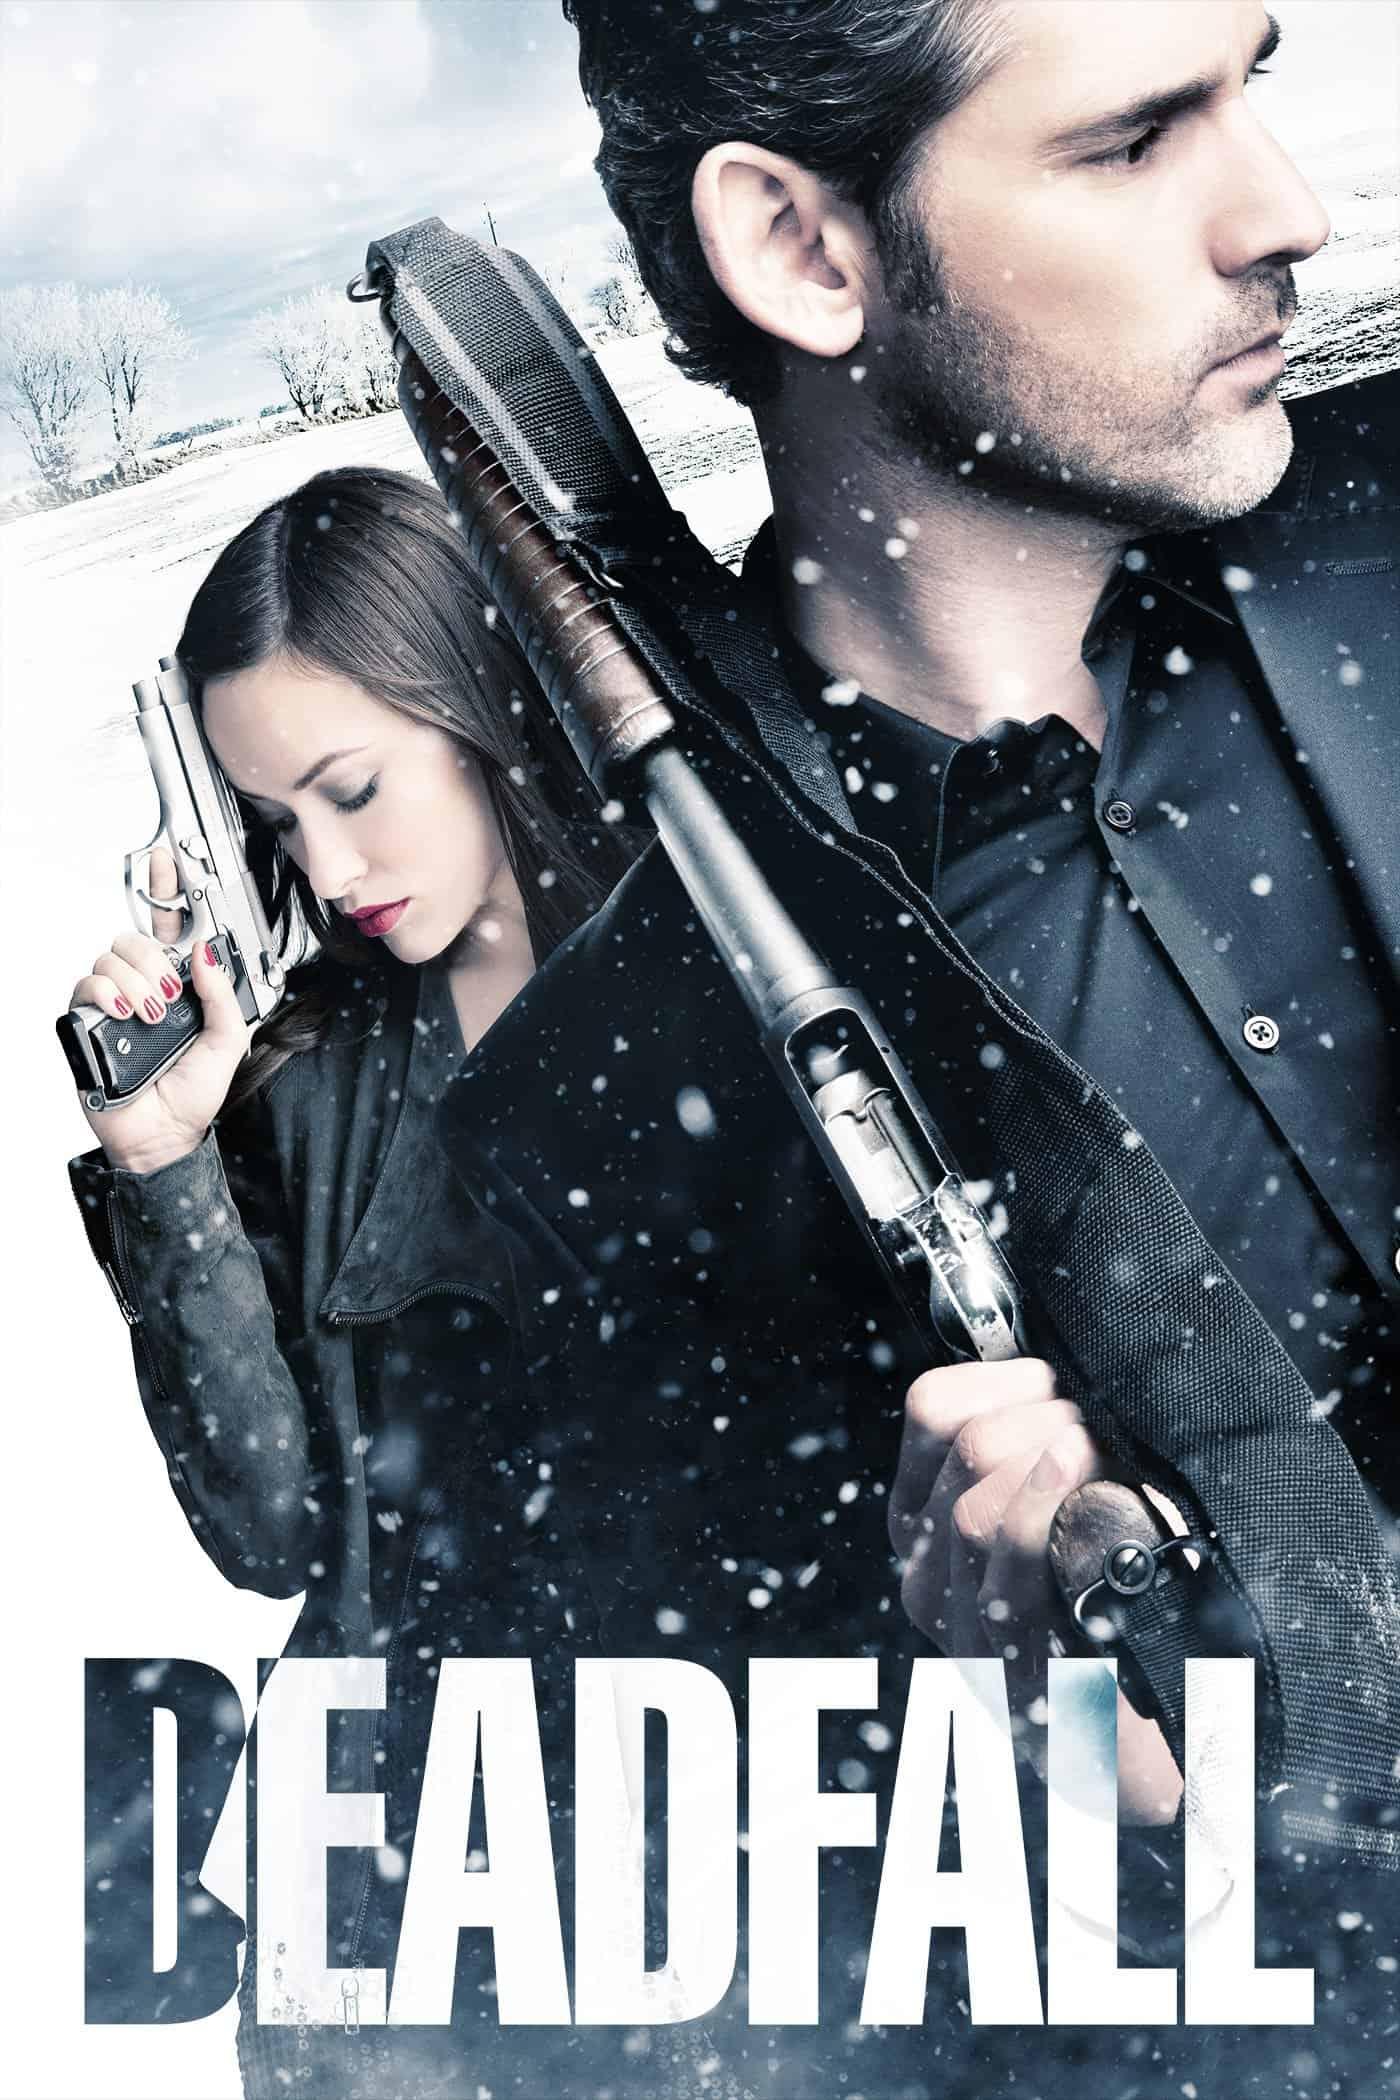 Deadfall, 2012